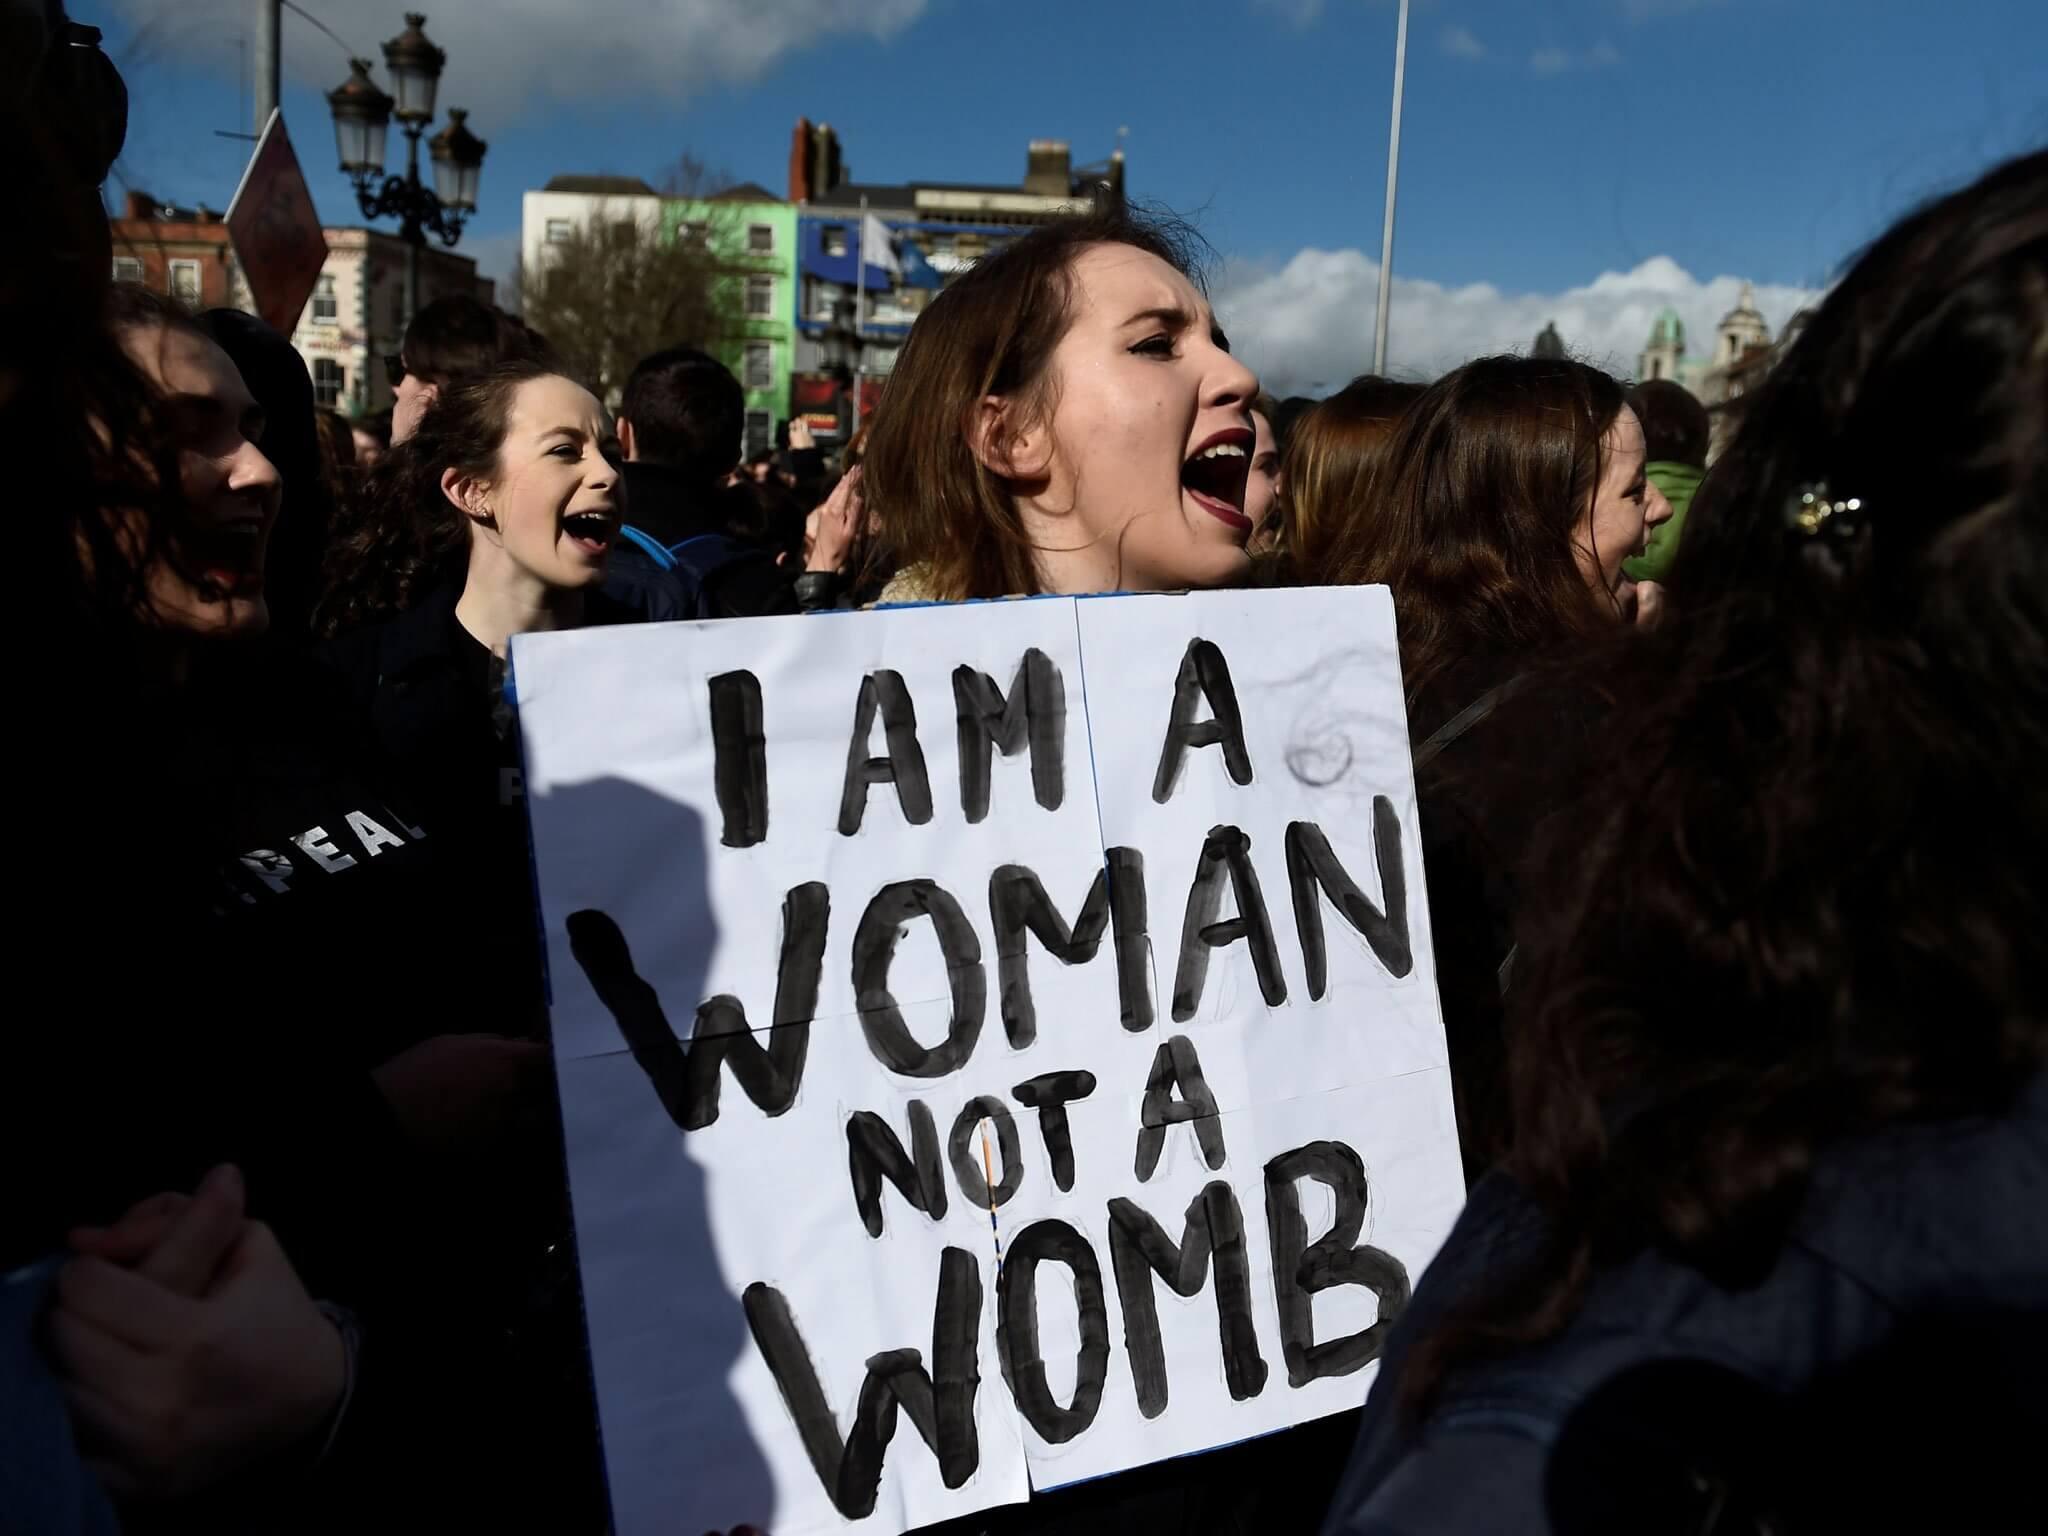 Protesta en Irlanda a principios de este año a favor del cambio de ley que penaliza el aborto. Imagen: Getty/The Indeendent